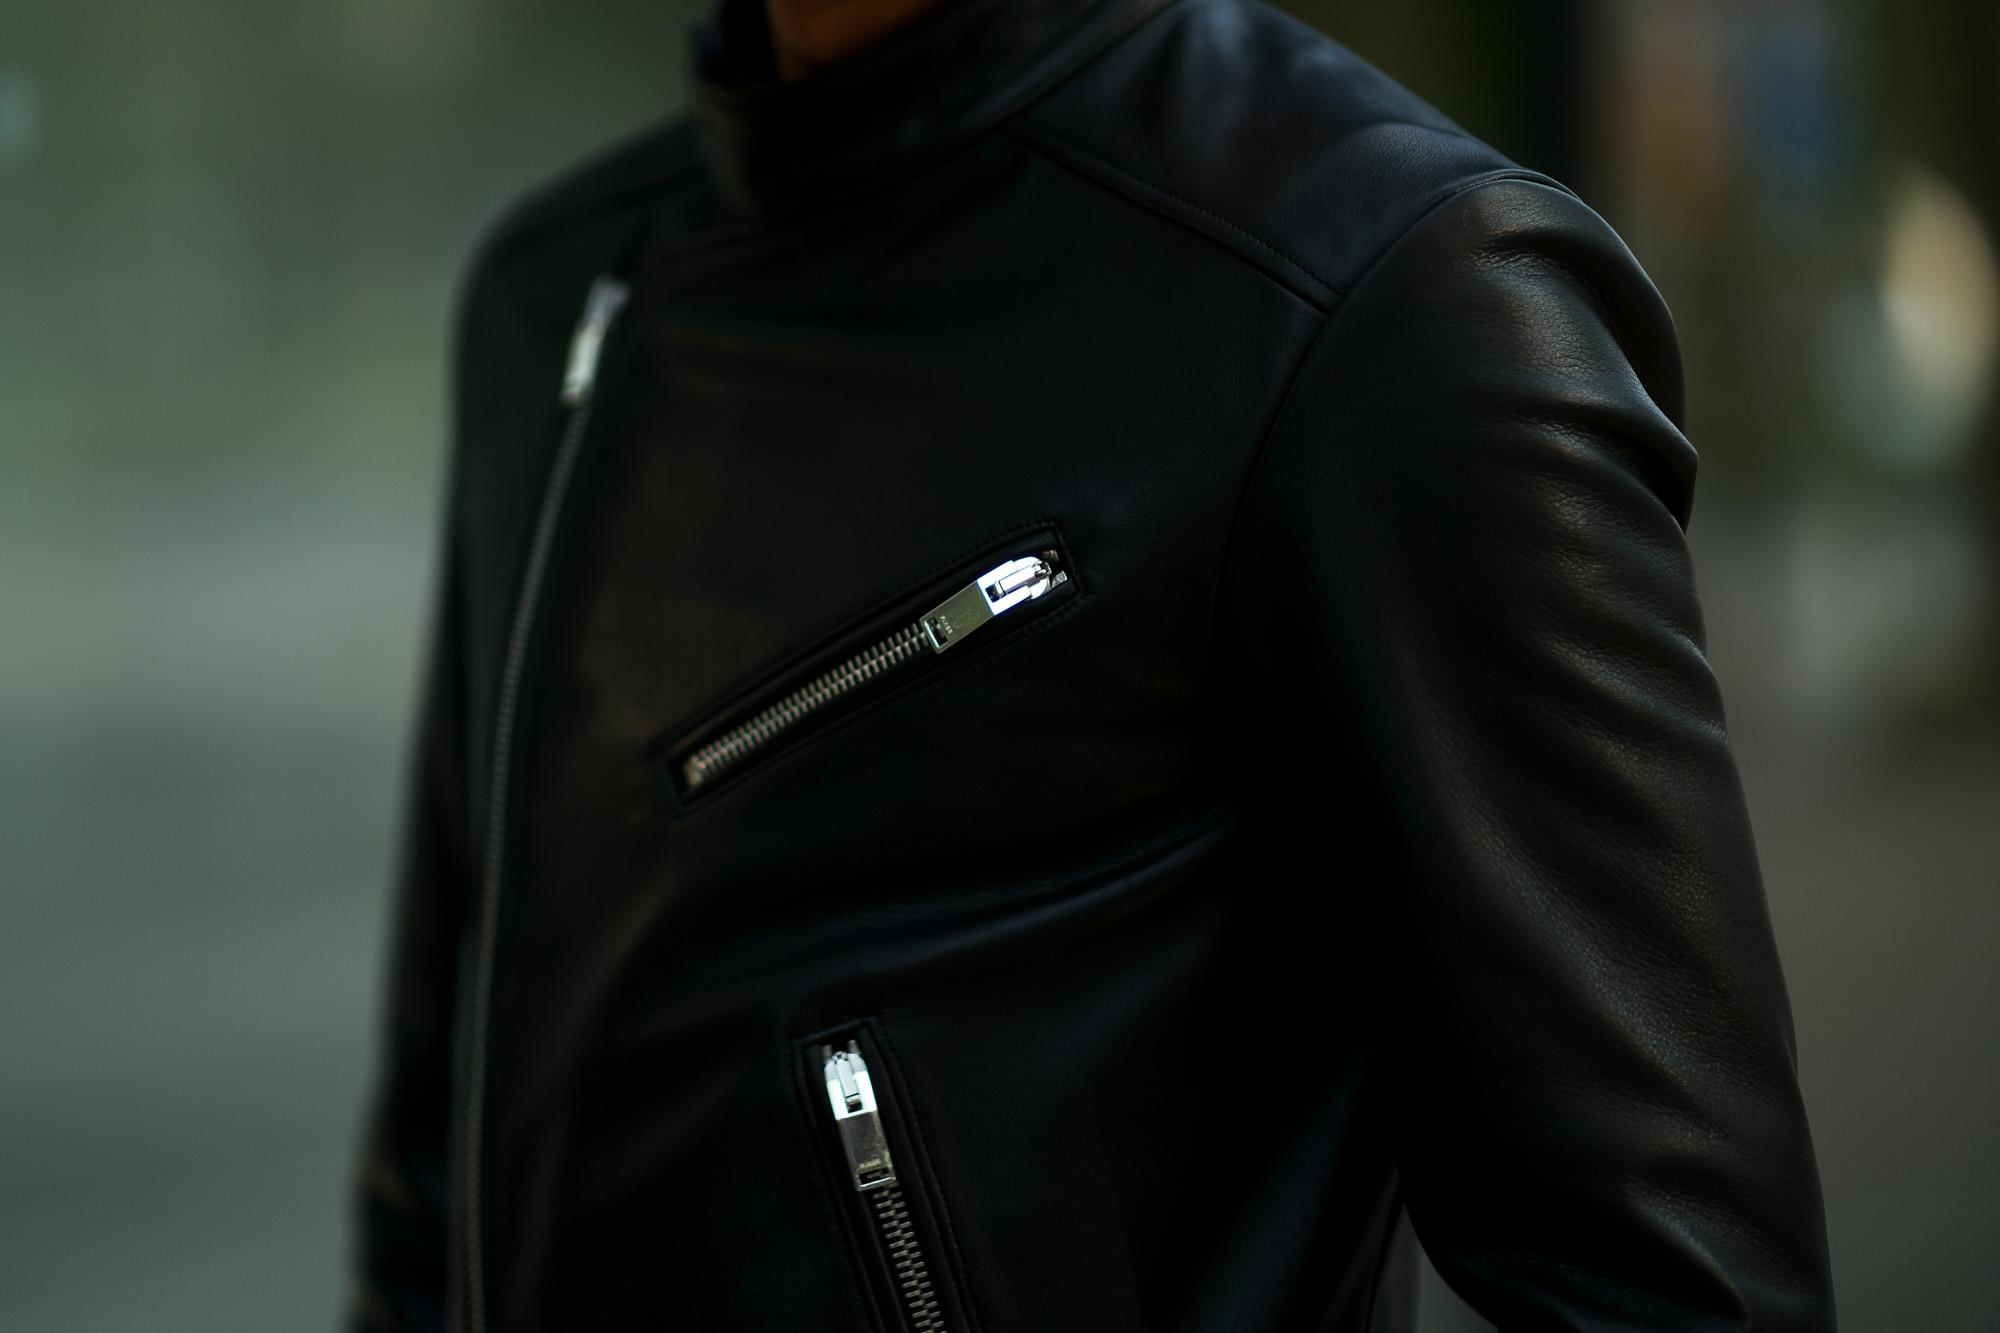 FIXER(フィクサー) F1(エフワン) DOUBLE RIDERS Cow Leather ダブルライダース ジャケット BLACK(ブラック) 【ご予約開始】【2019.9.29(Sun)~】【3枚限定】 愛知 名古屋 altoediritto アルトエデリット